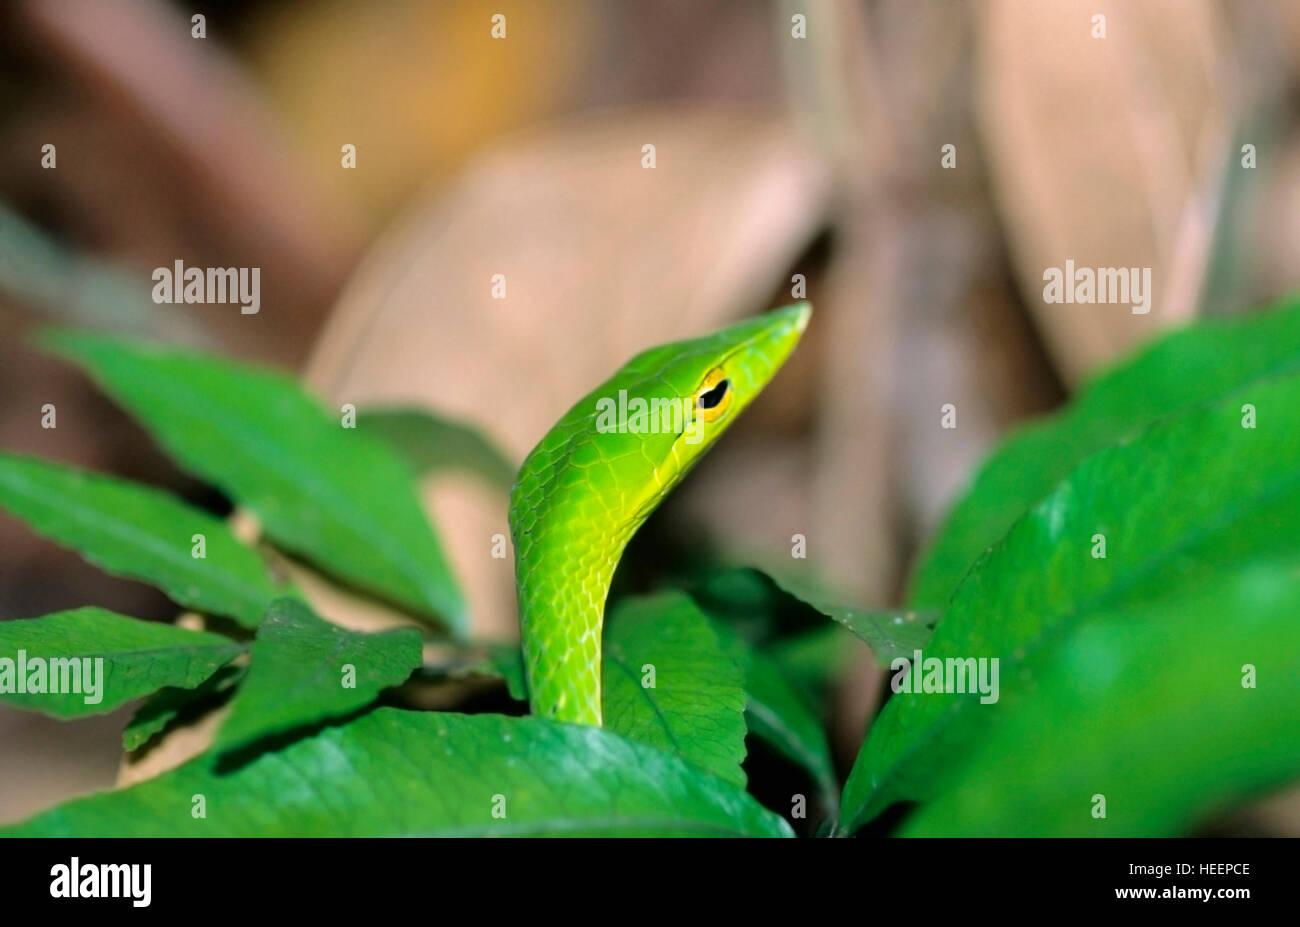 Vid verde Serpiente, Ahaetulla nasuta Foto de stock